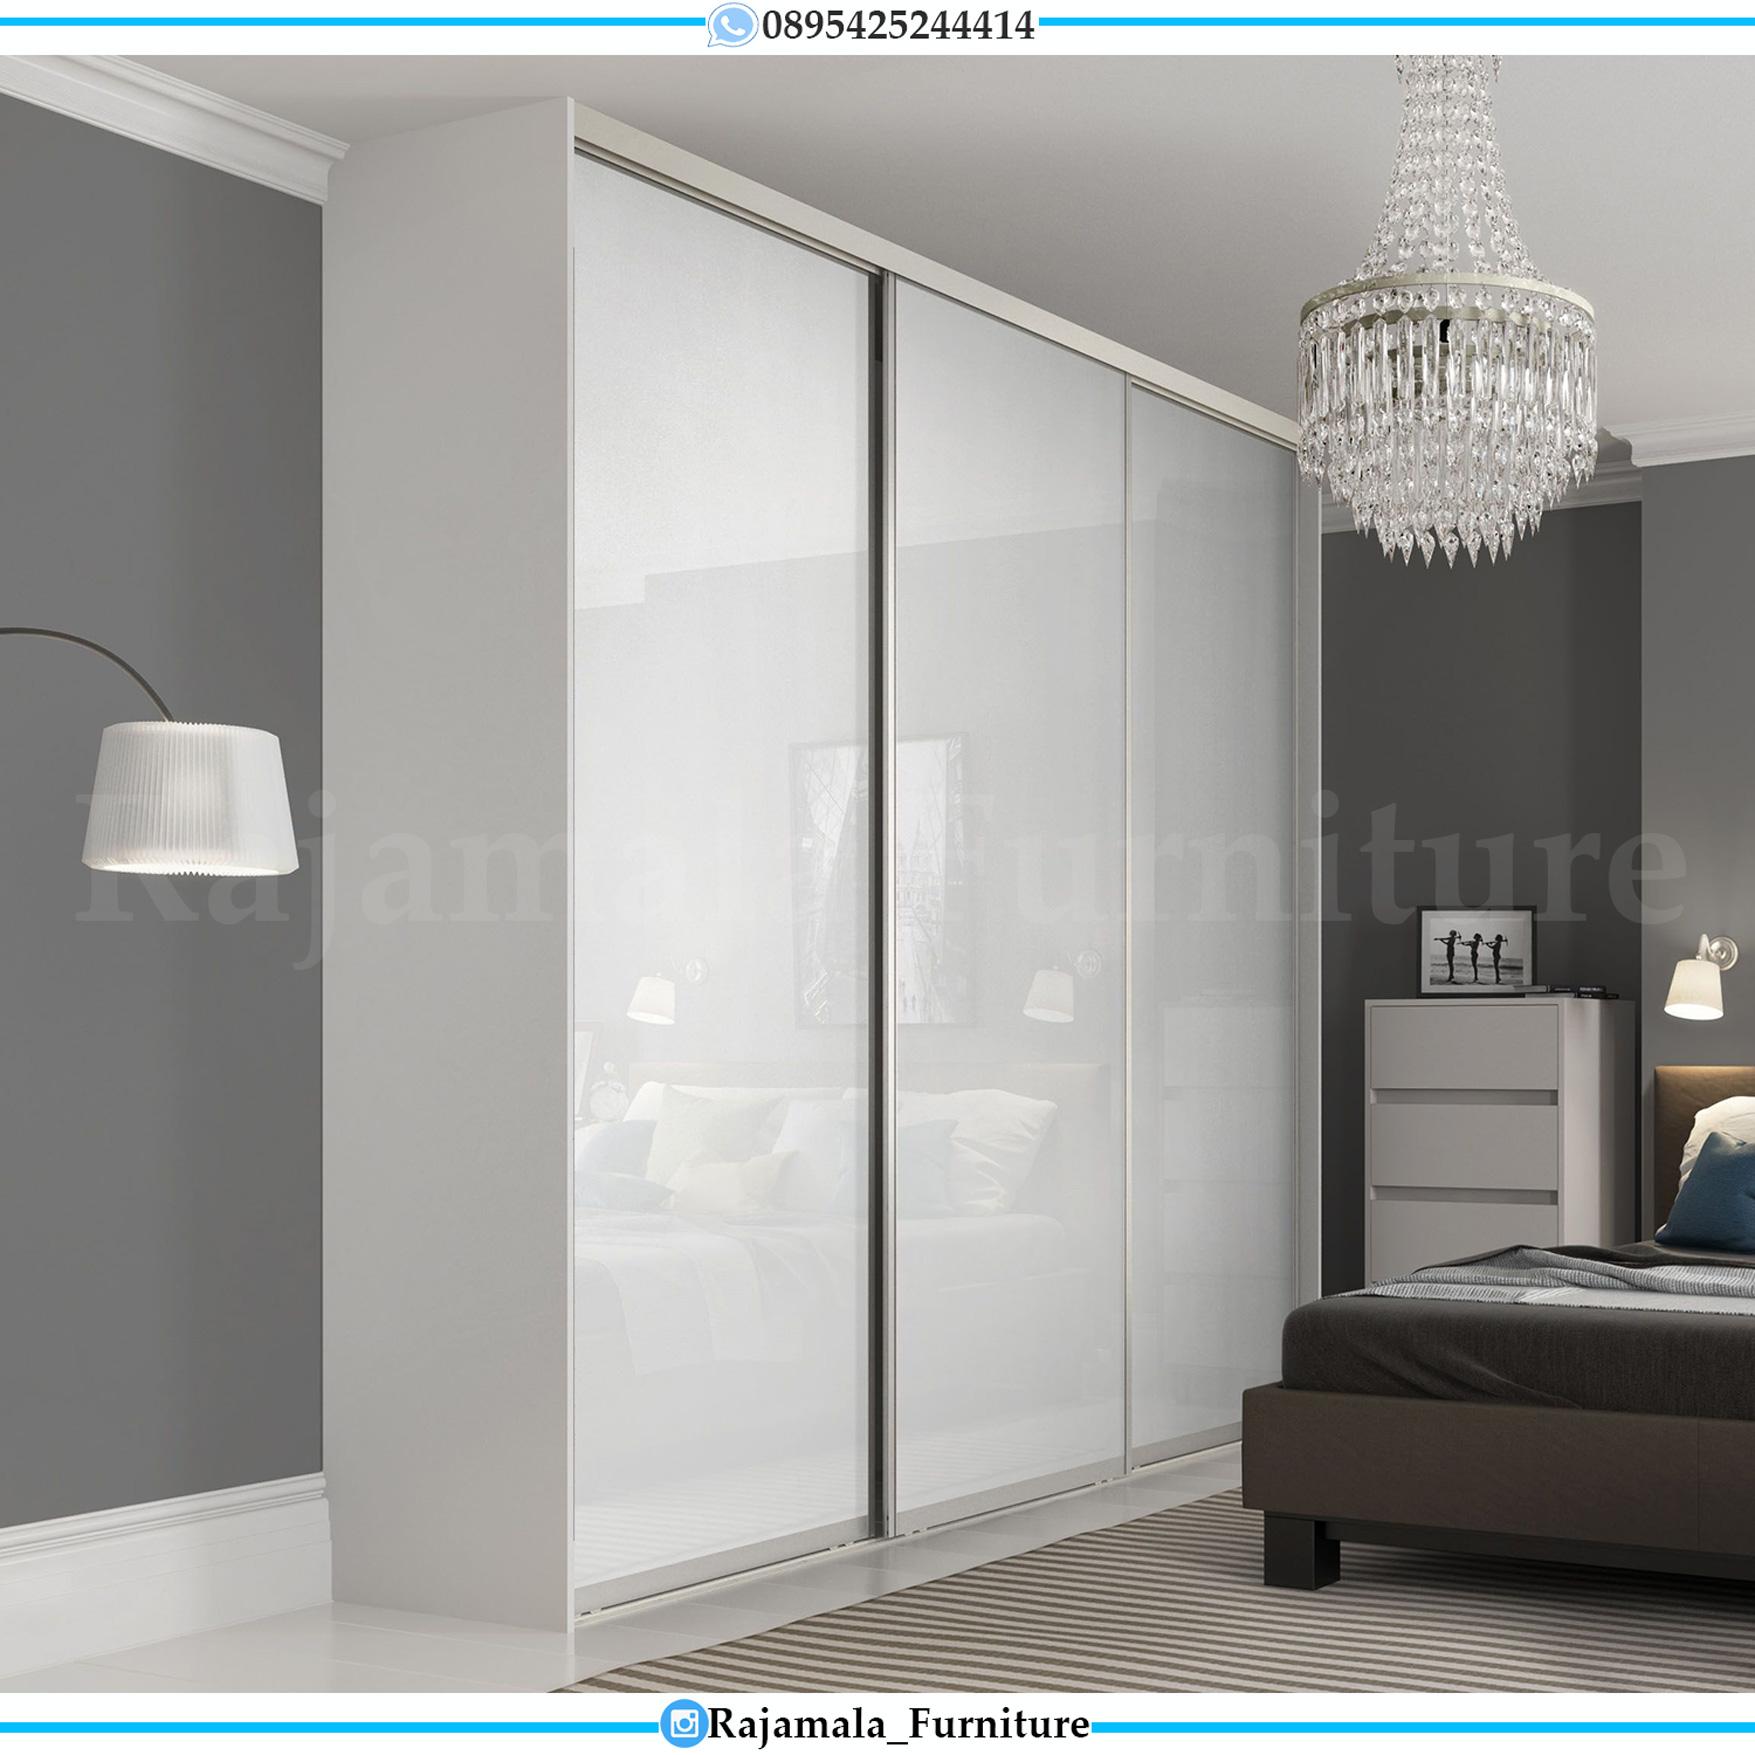 Lemari Baju Minimalis Simple Design New Mebel Jepara Terlaris RM-0039